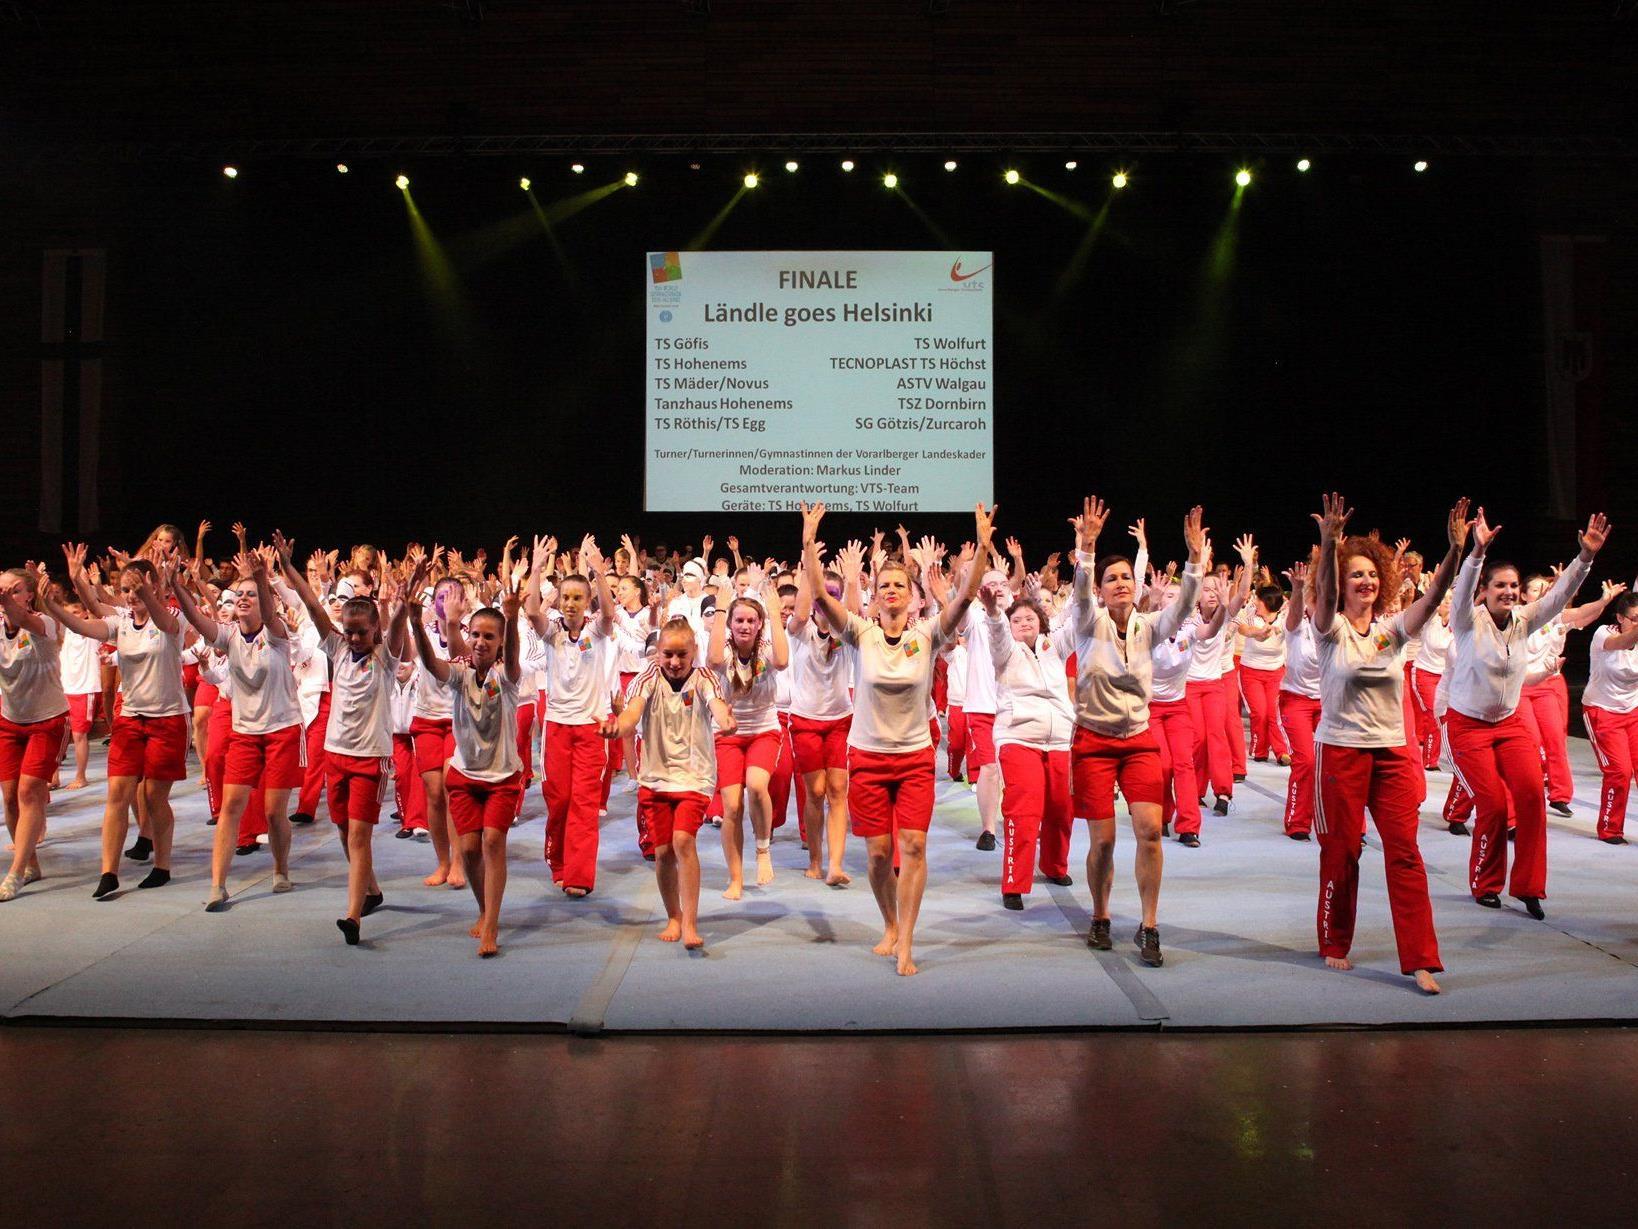 Vorarlberg stellt mit elf Vereinen und 345 Aktiven die meisten Teilnehmer.